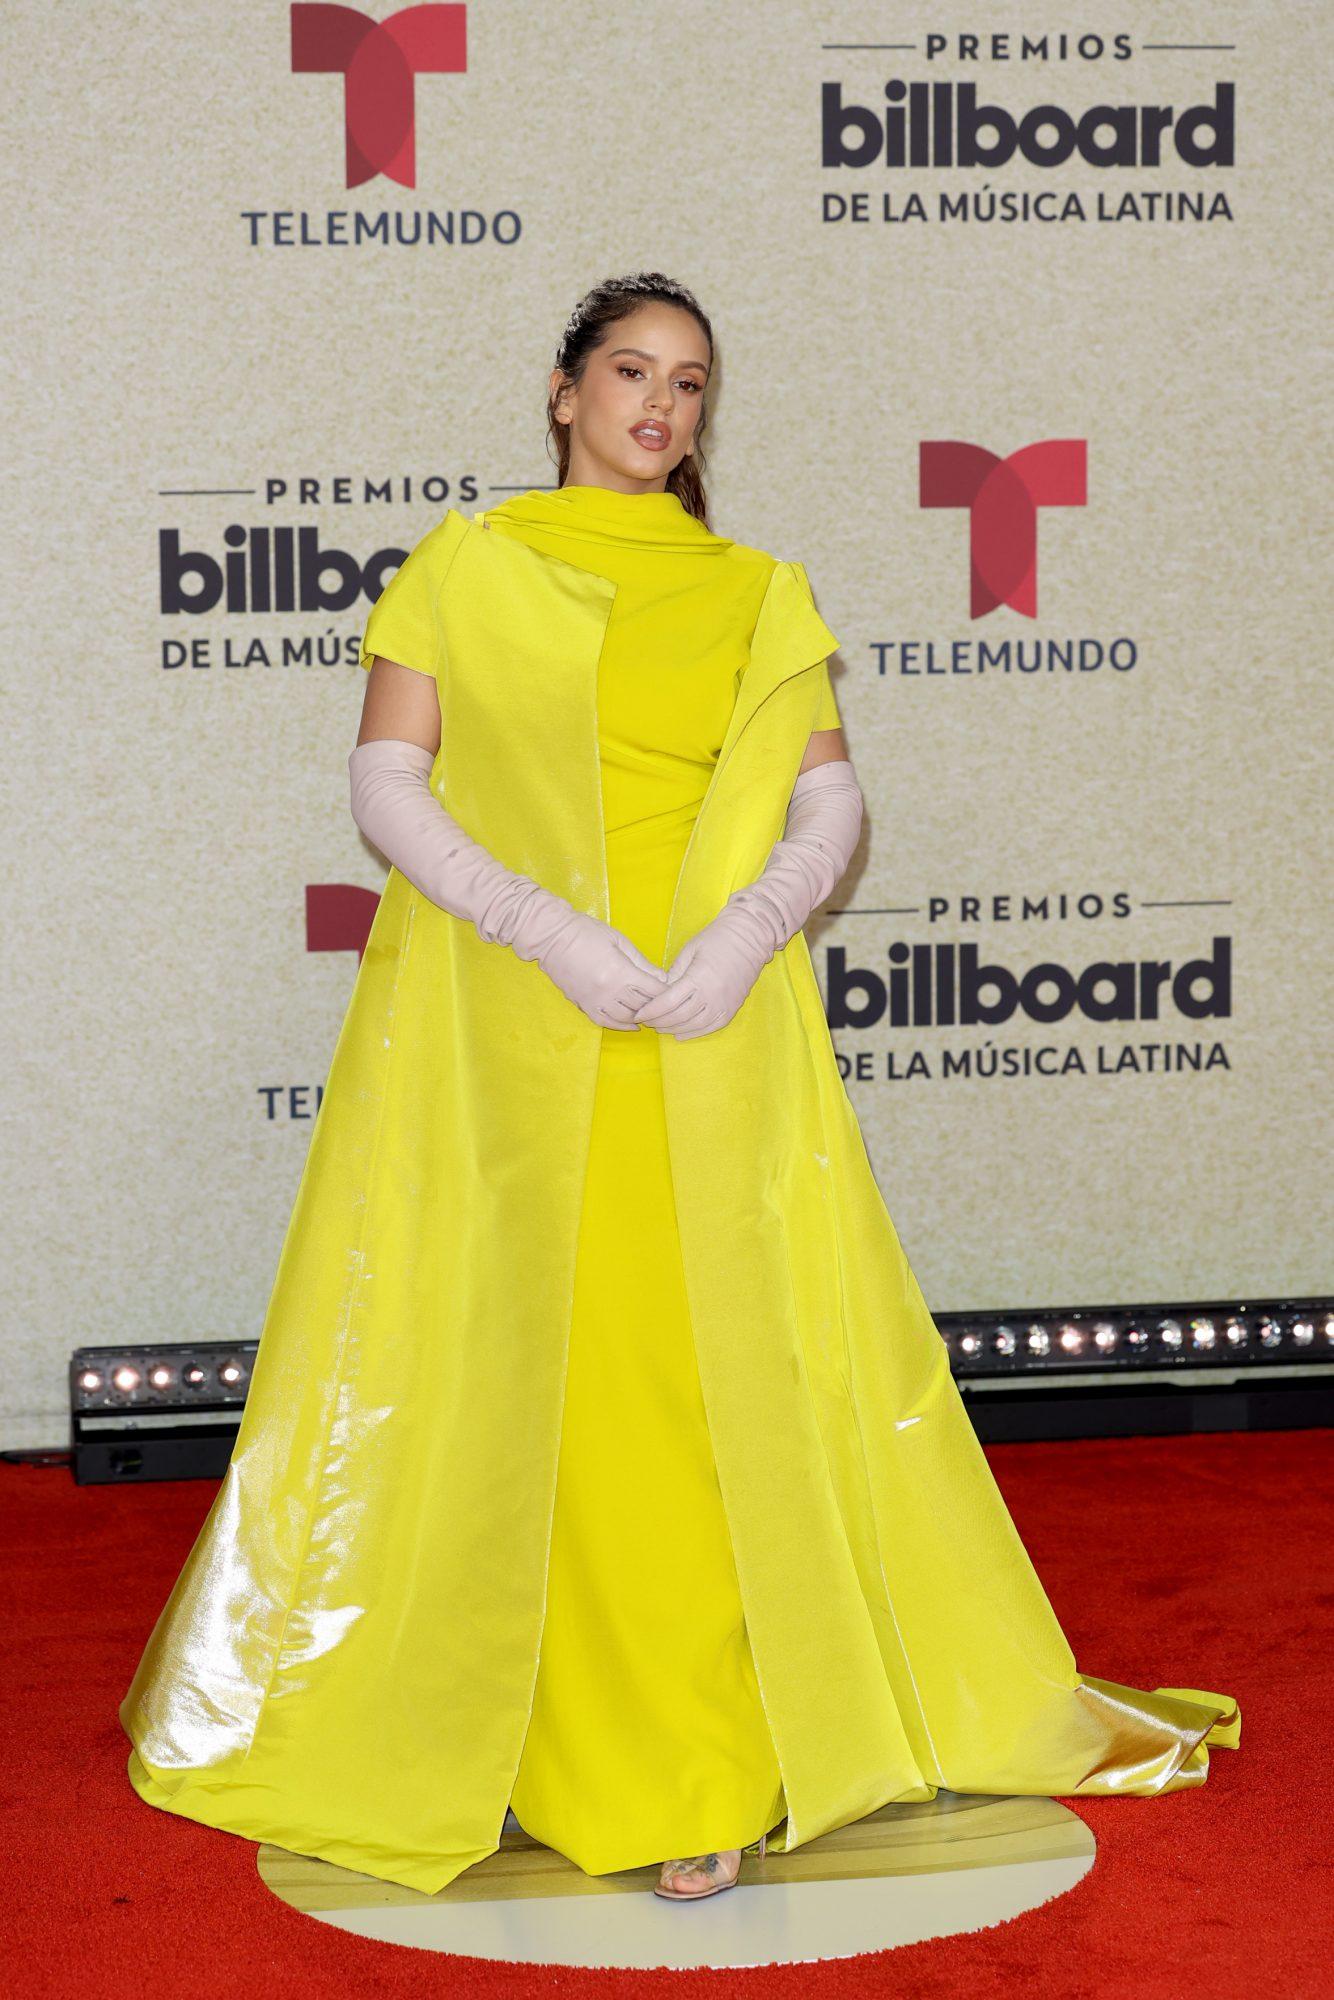 Rosalia Premios Billboard 2021